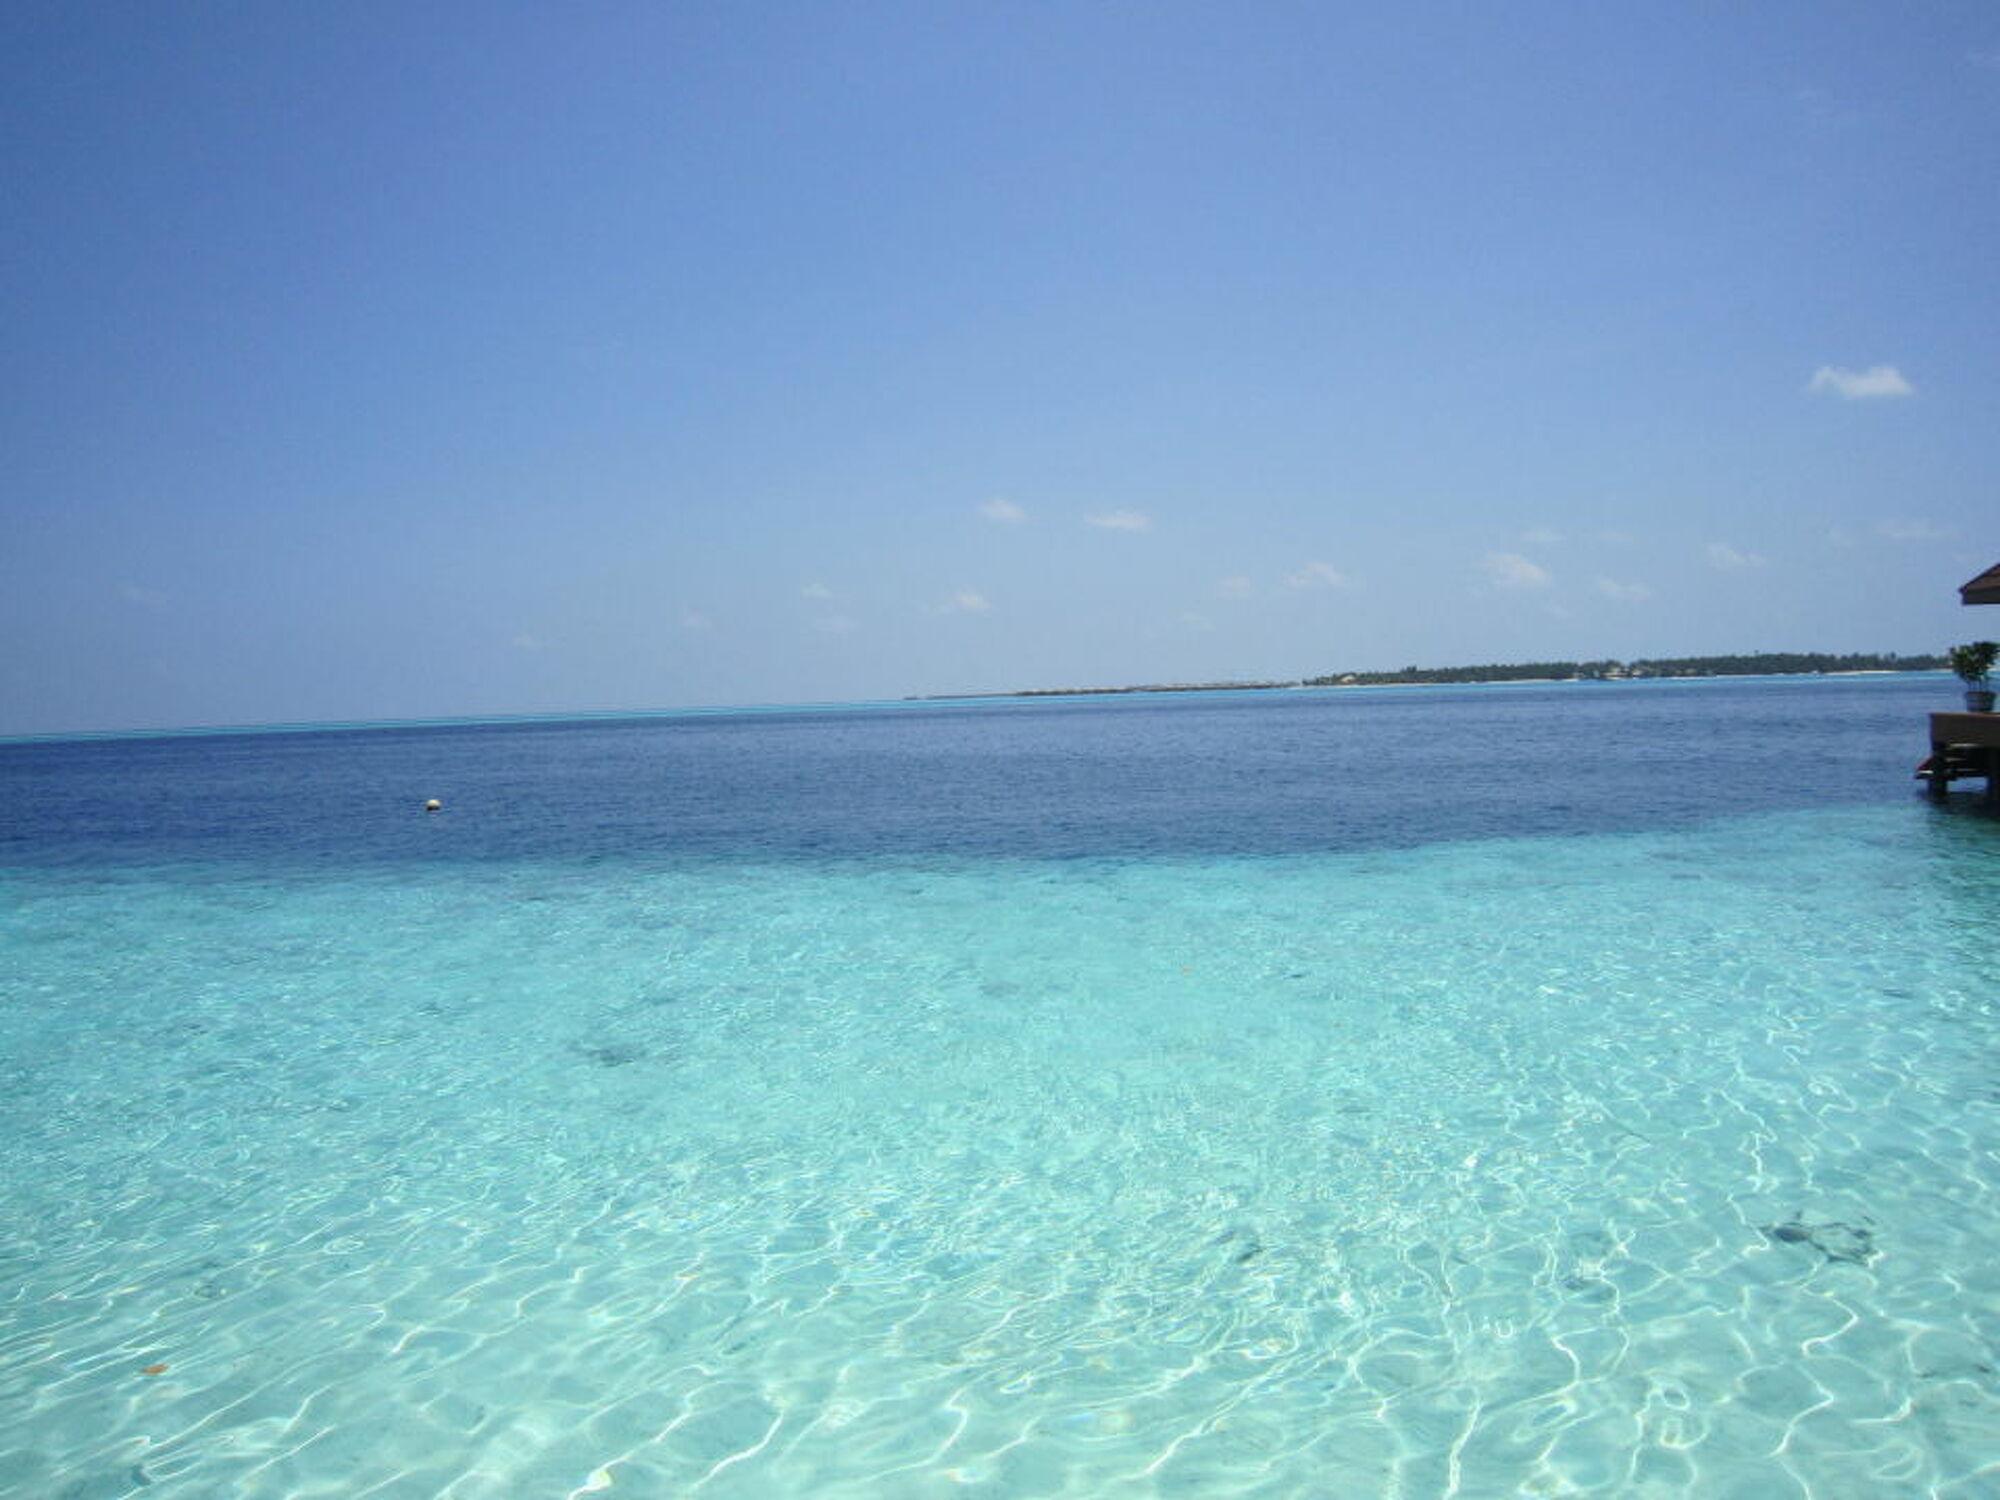 Bild mit Wasser, Blau, Meerblick, Meer, Malediven